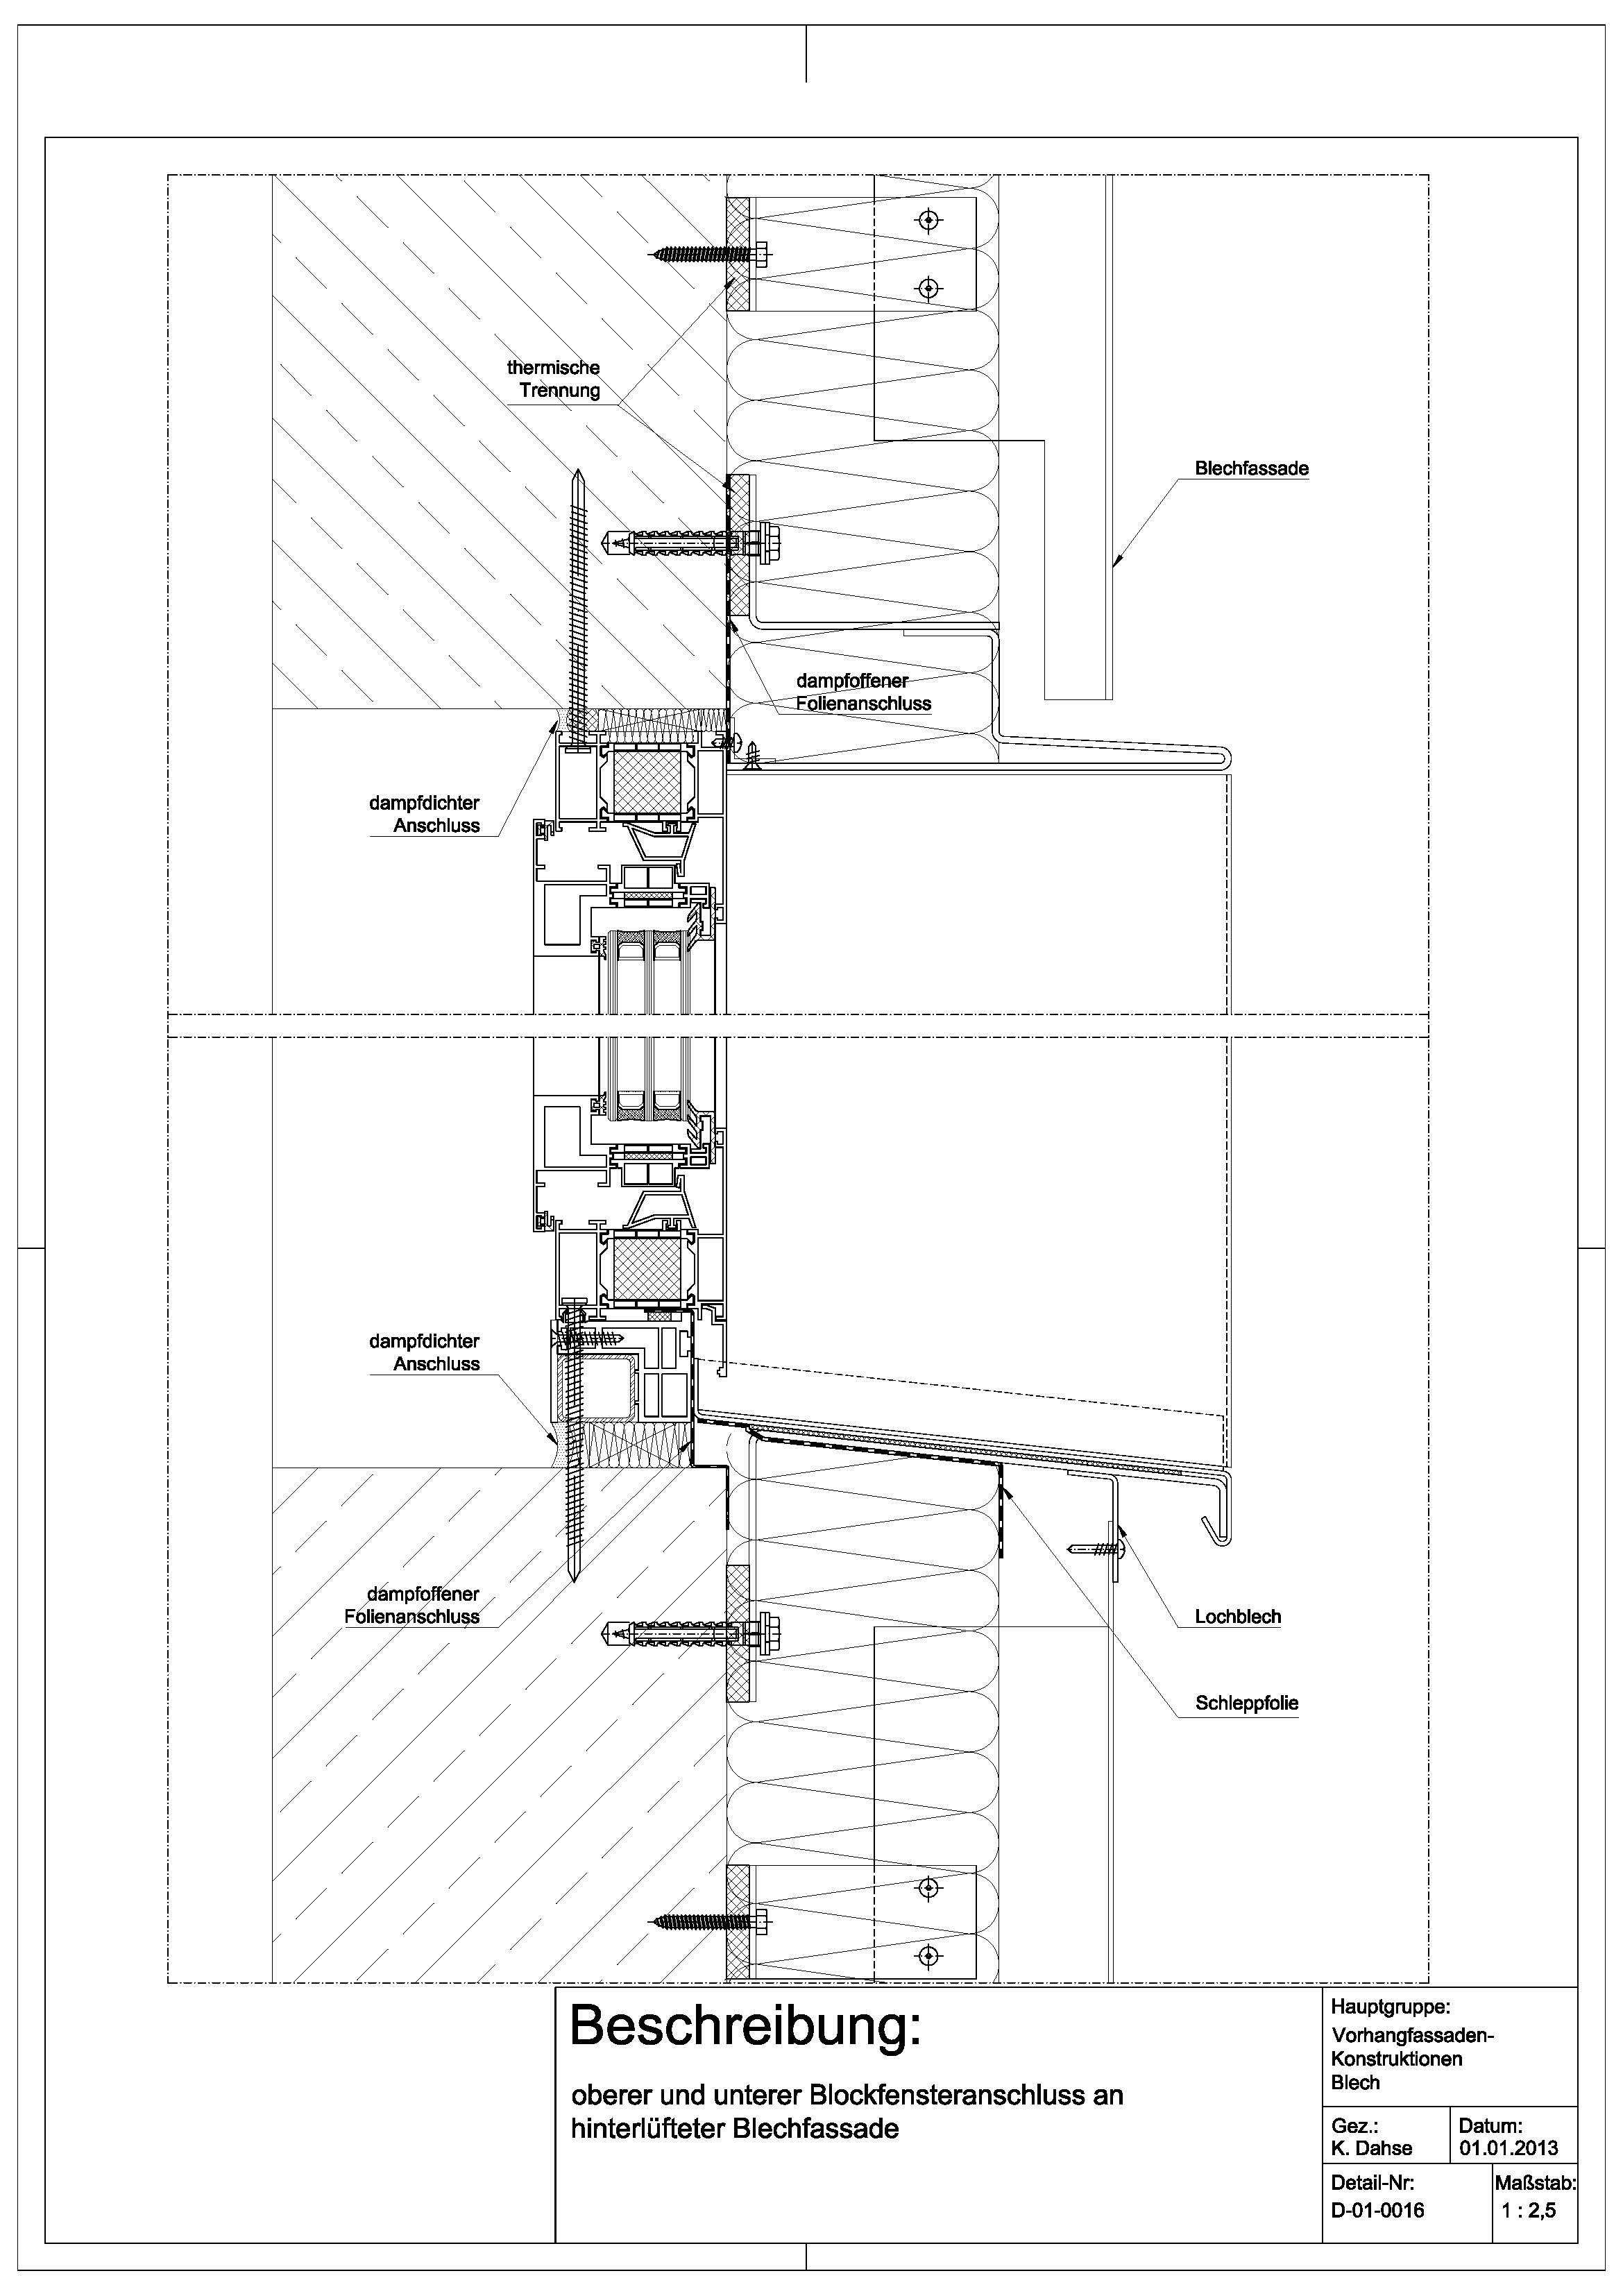 d 01 0016 oberer und unterer blockfensteranschluss an hinterl fteter blechfassade detail. Black Bedroom Furniture Sets. Home Design Ideas